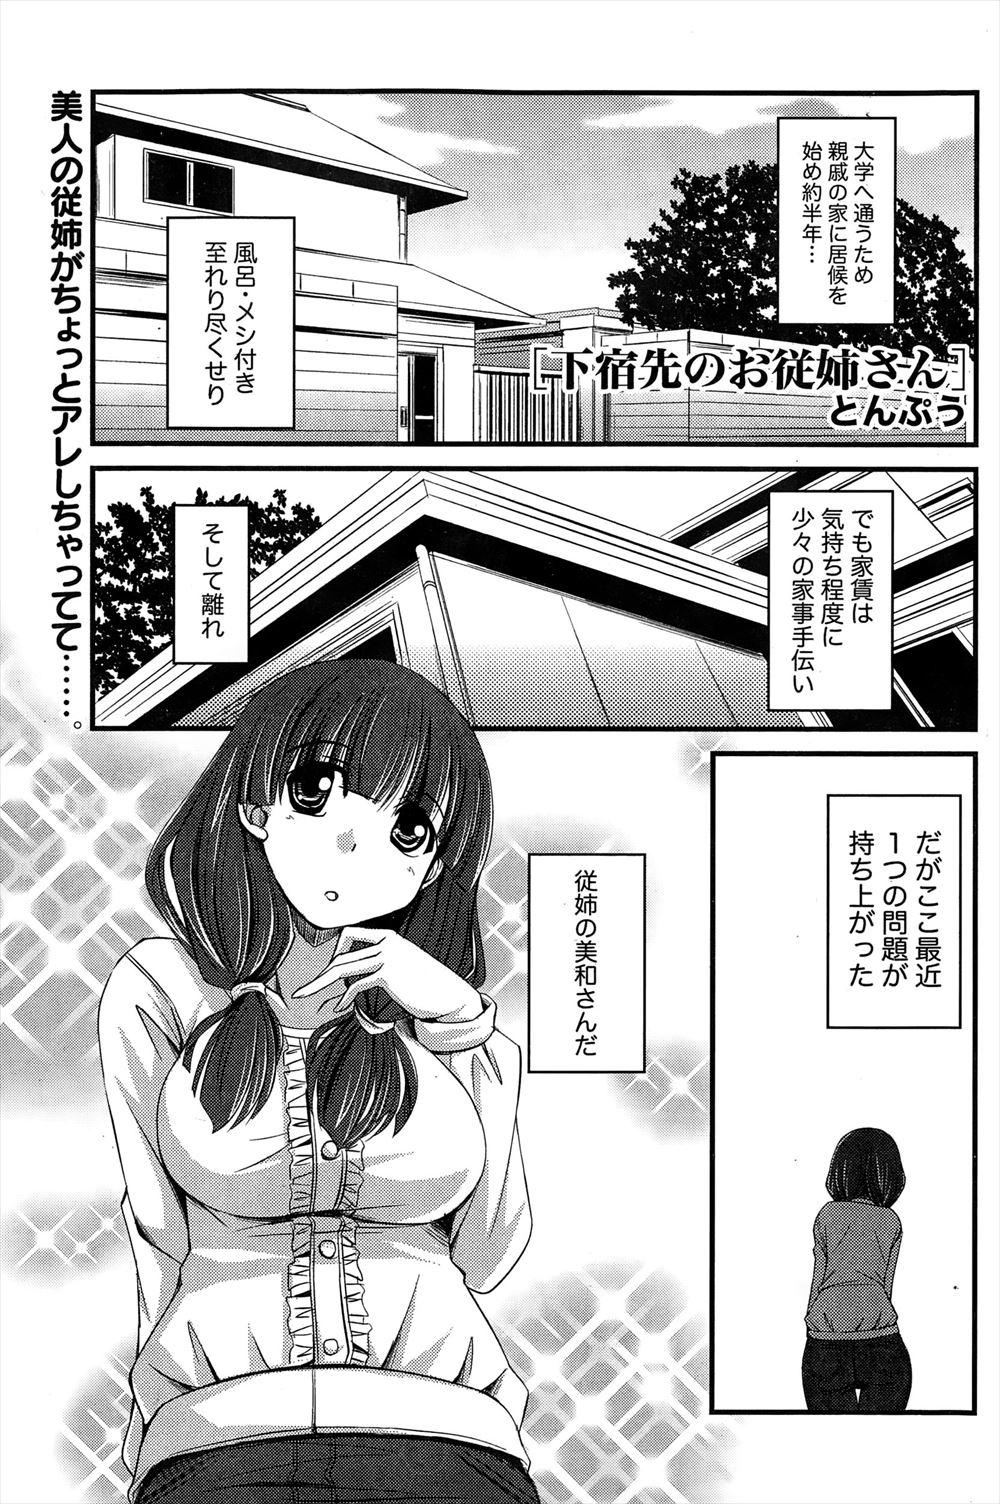 【エロ漫画・エロ同人】下宿先の従姉妹にお目覚めフェラ!おっぱい揉みながらいちゃラブSEX!